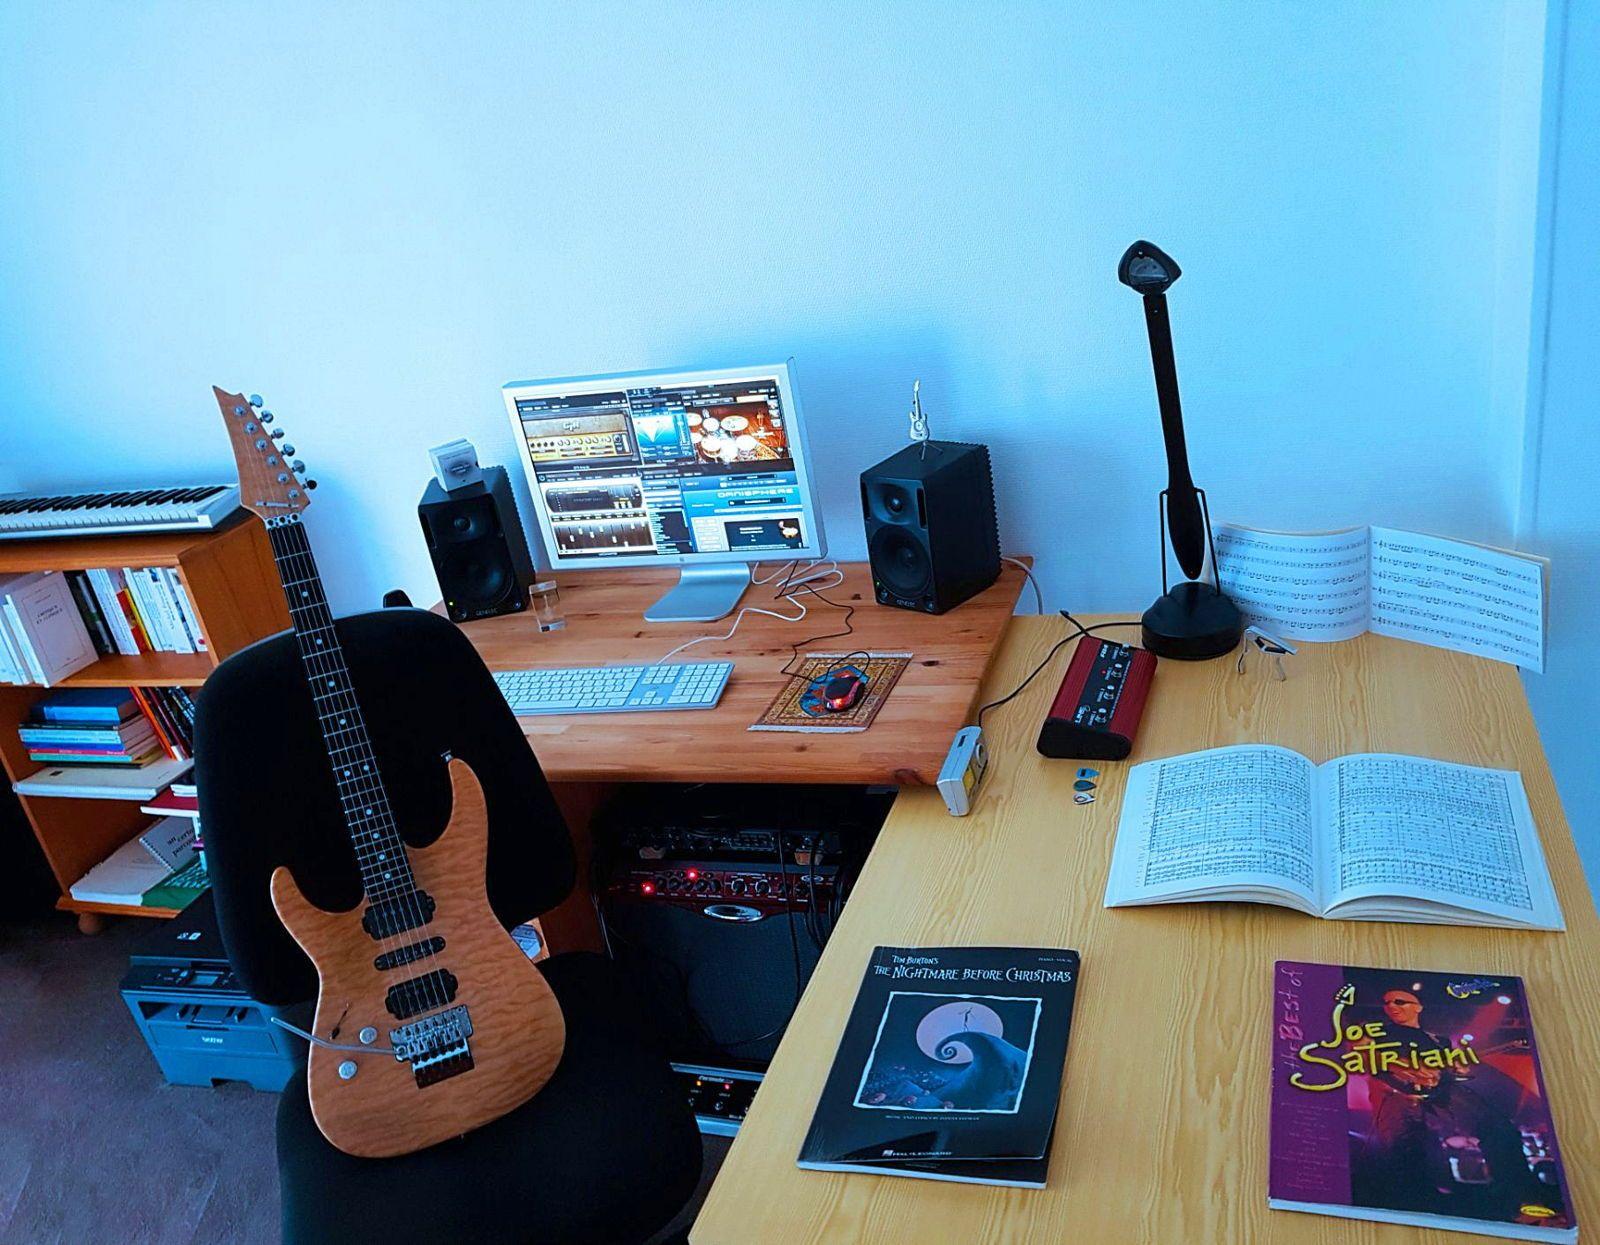 Cours de musique et de guitare (électrique & acoustique) Nantes centre